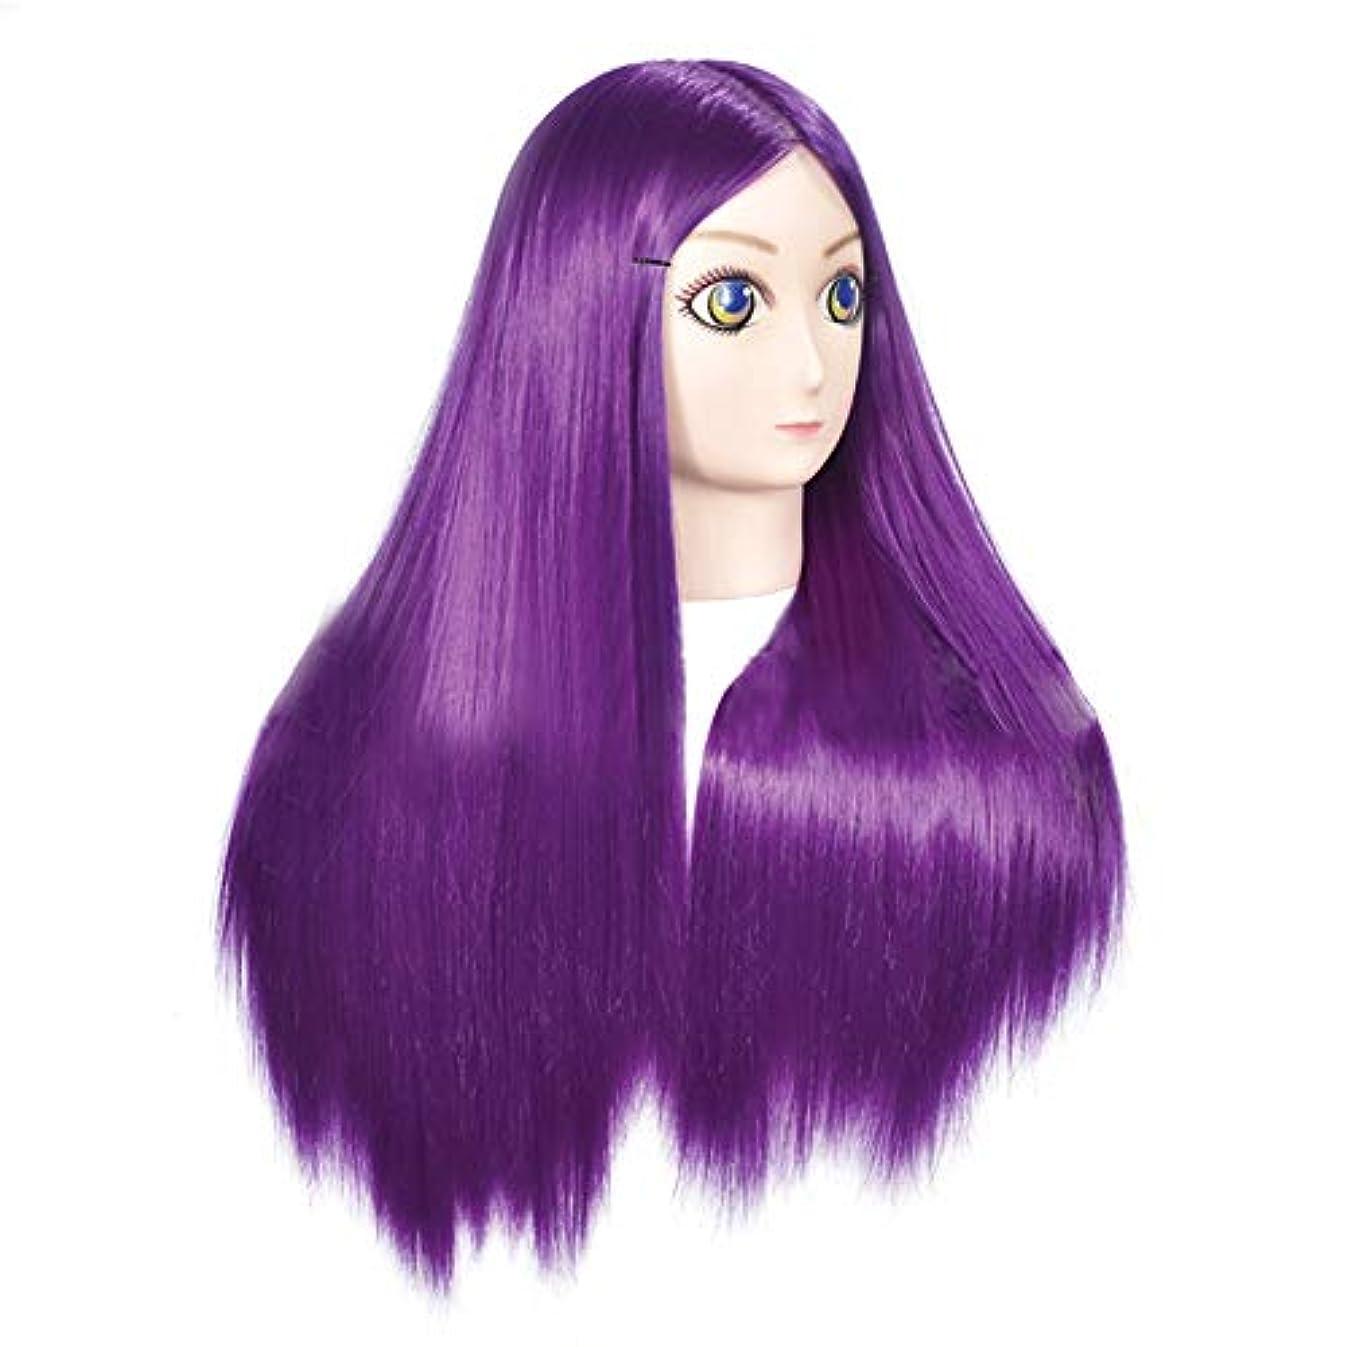 放射するラウンジ迫害高温シルクヘアスタイリングモデルヘッド女性モデルヘッドティーチングヘッド理髪店編組髪染め学習ダミーヘッド